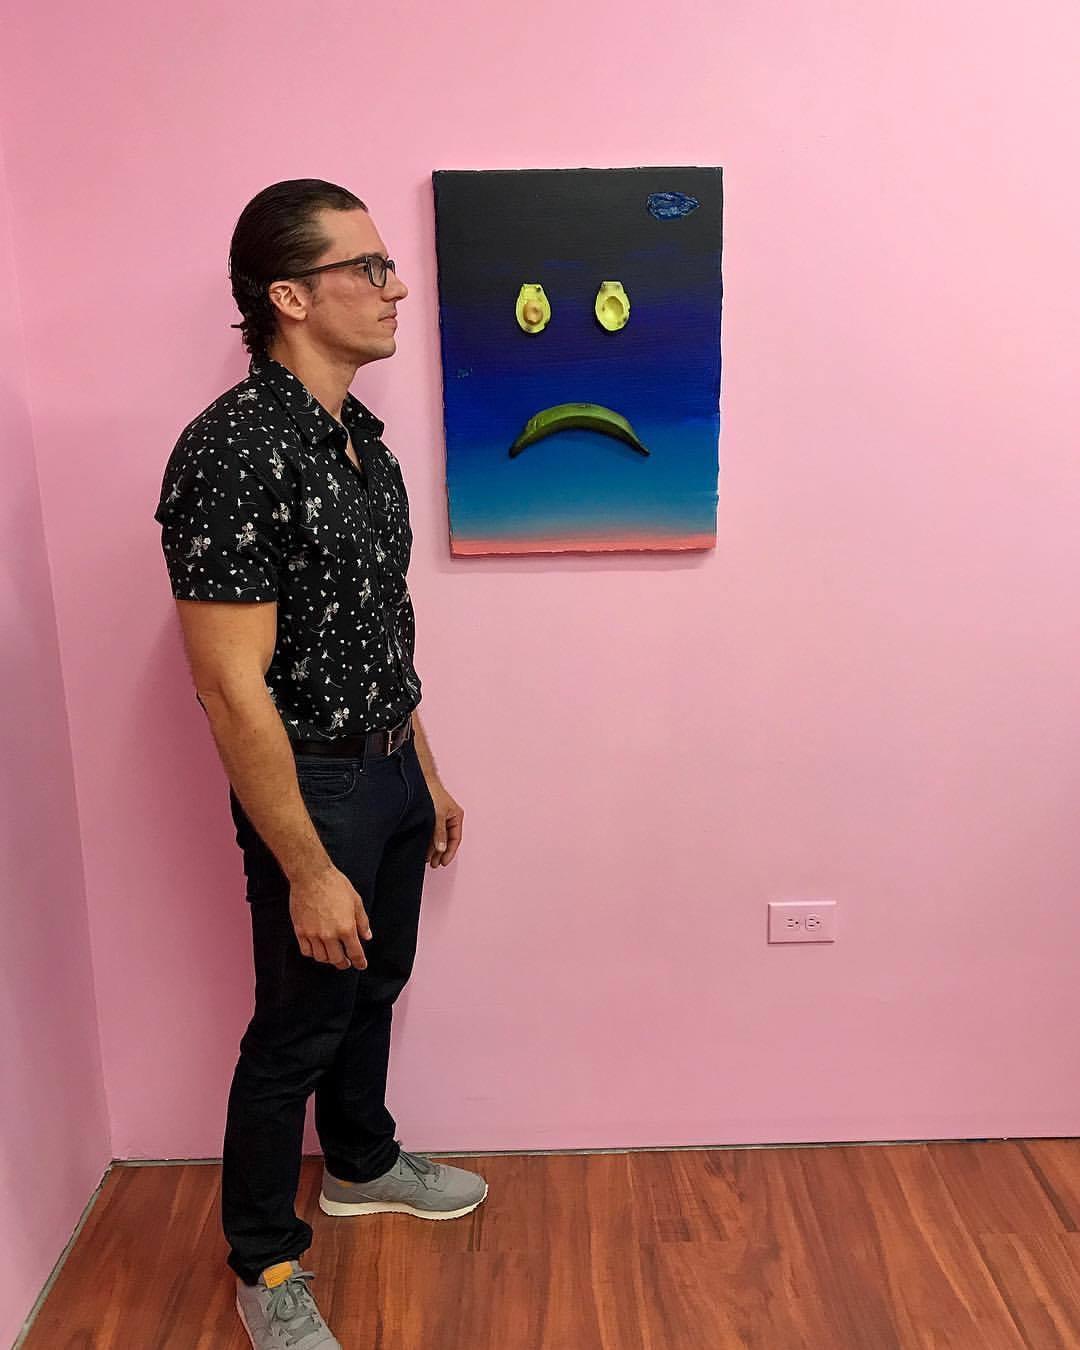 Omar Velázquez at the show La Mano del Pescao que Guinda at Zawahra Alejandro gallery in Santurce, Puerto Rico (2017). Courtesy of Antonio Castro Barreto.